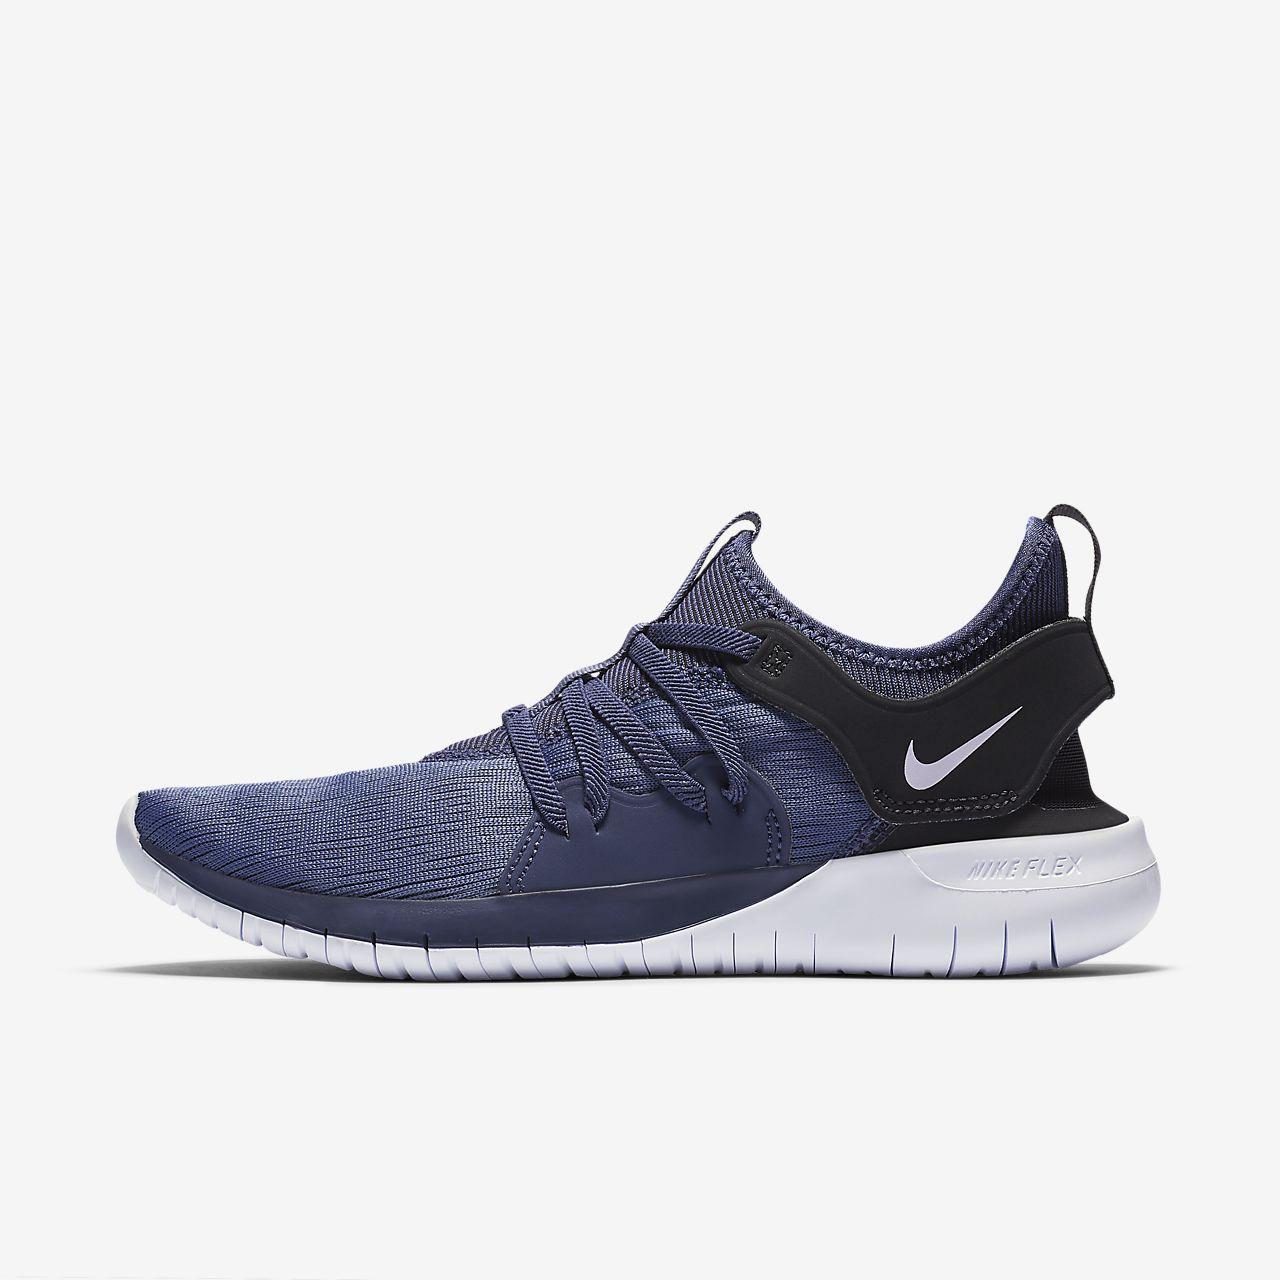 รองเท้าวิ่งผู้หญิง Nike Flex Contact 3